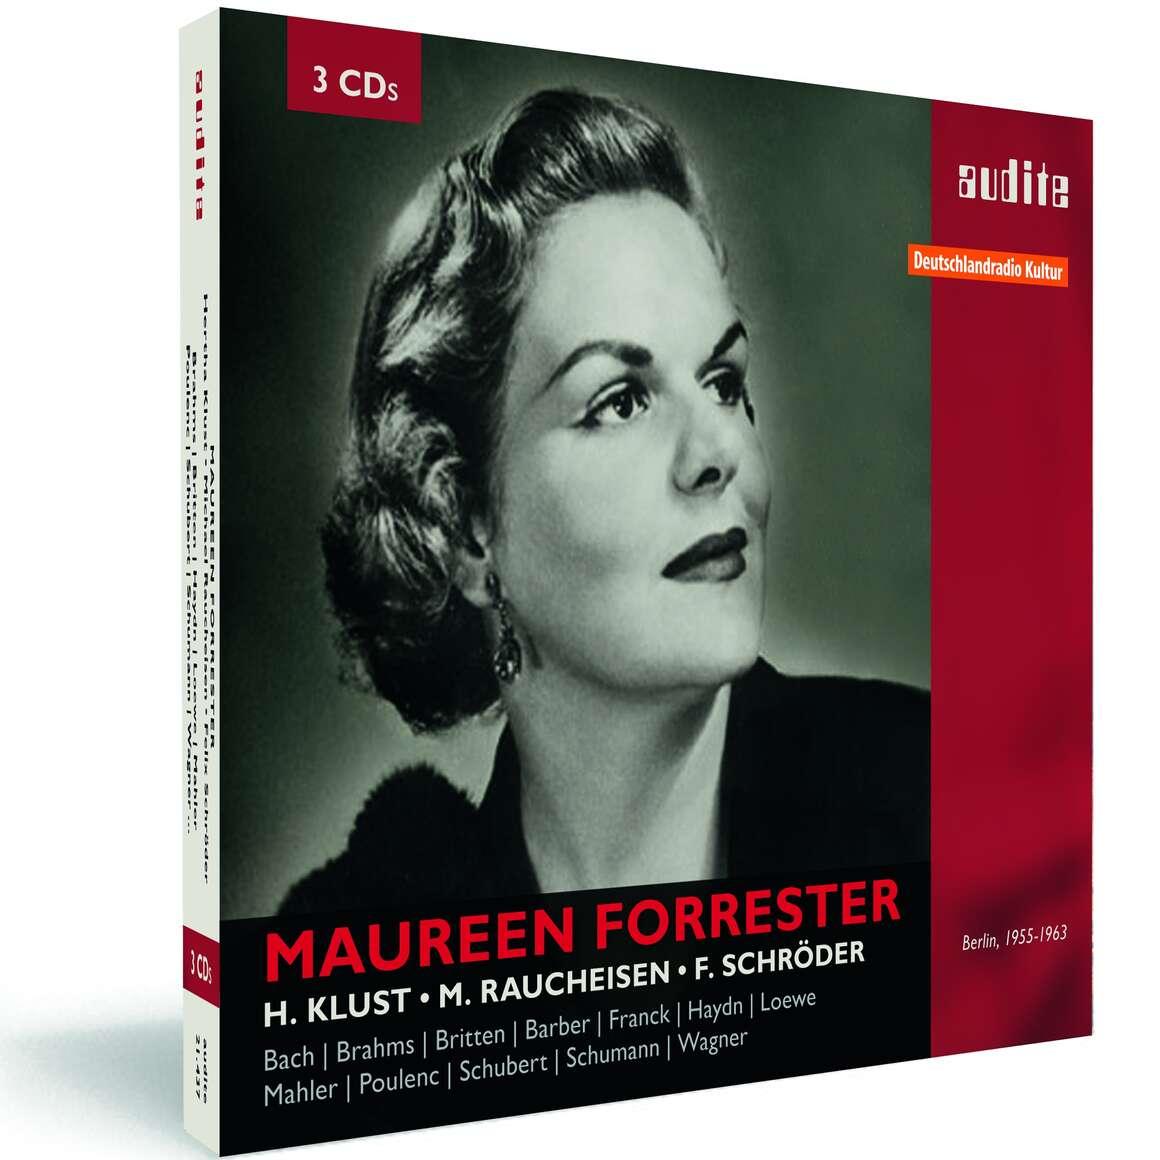 Portrait Maureen Forrester